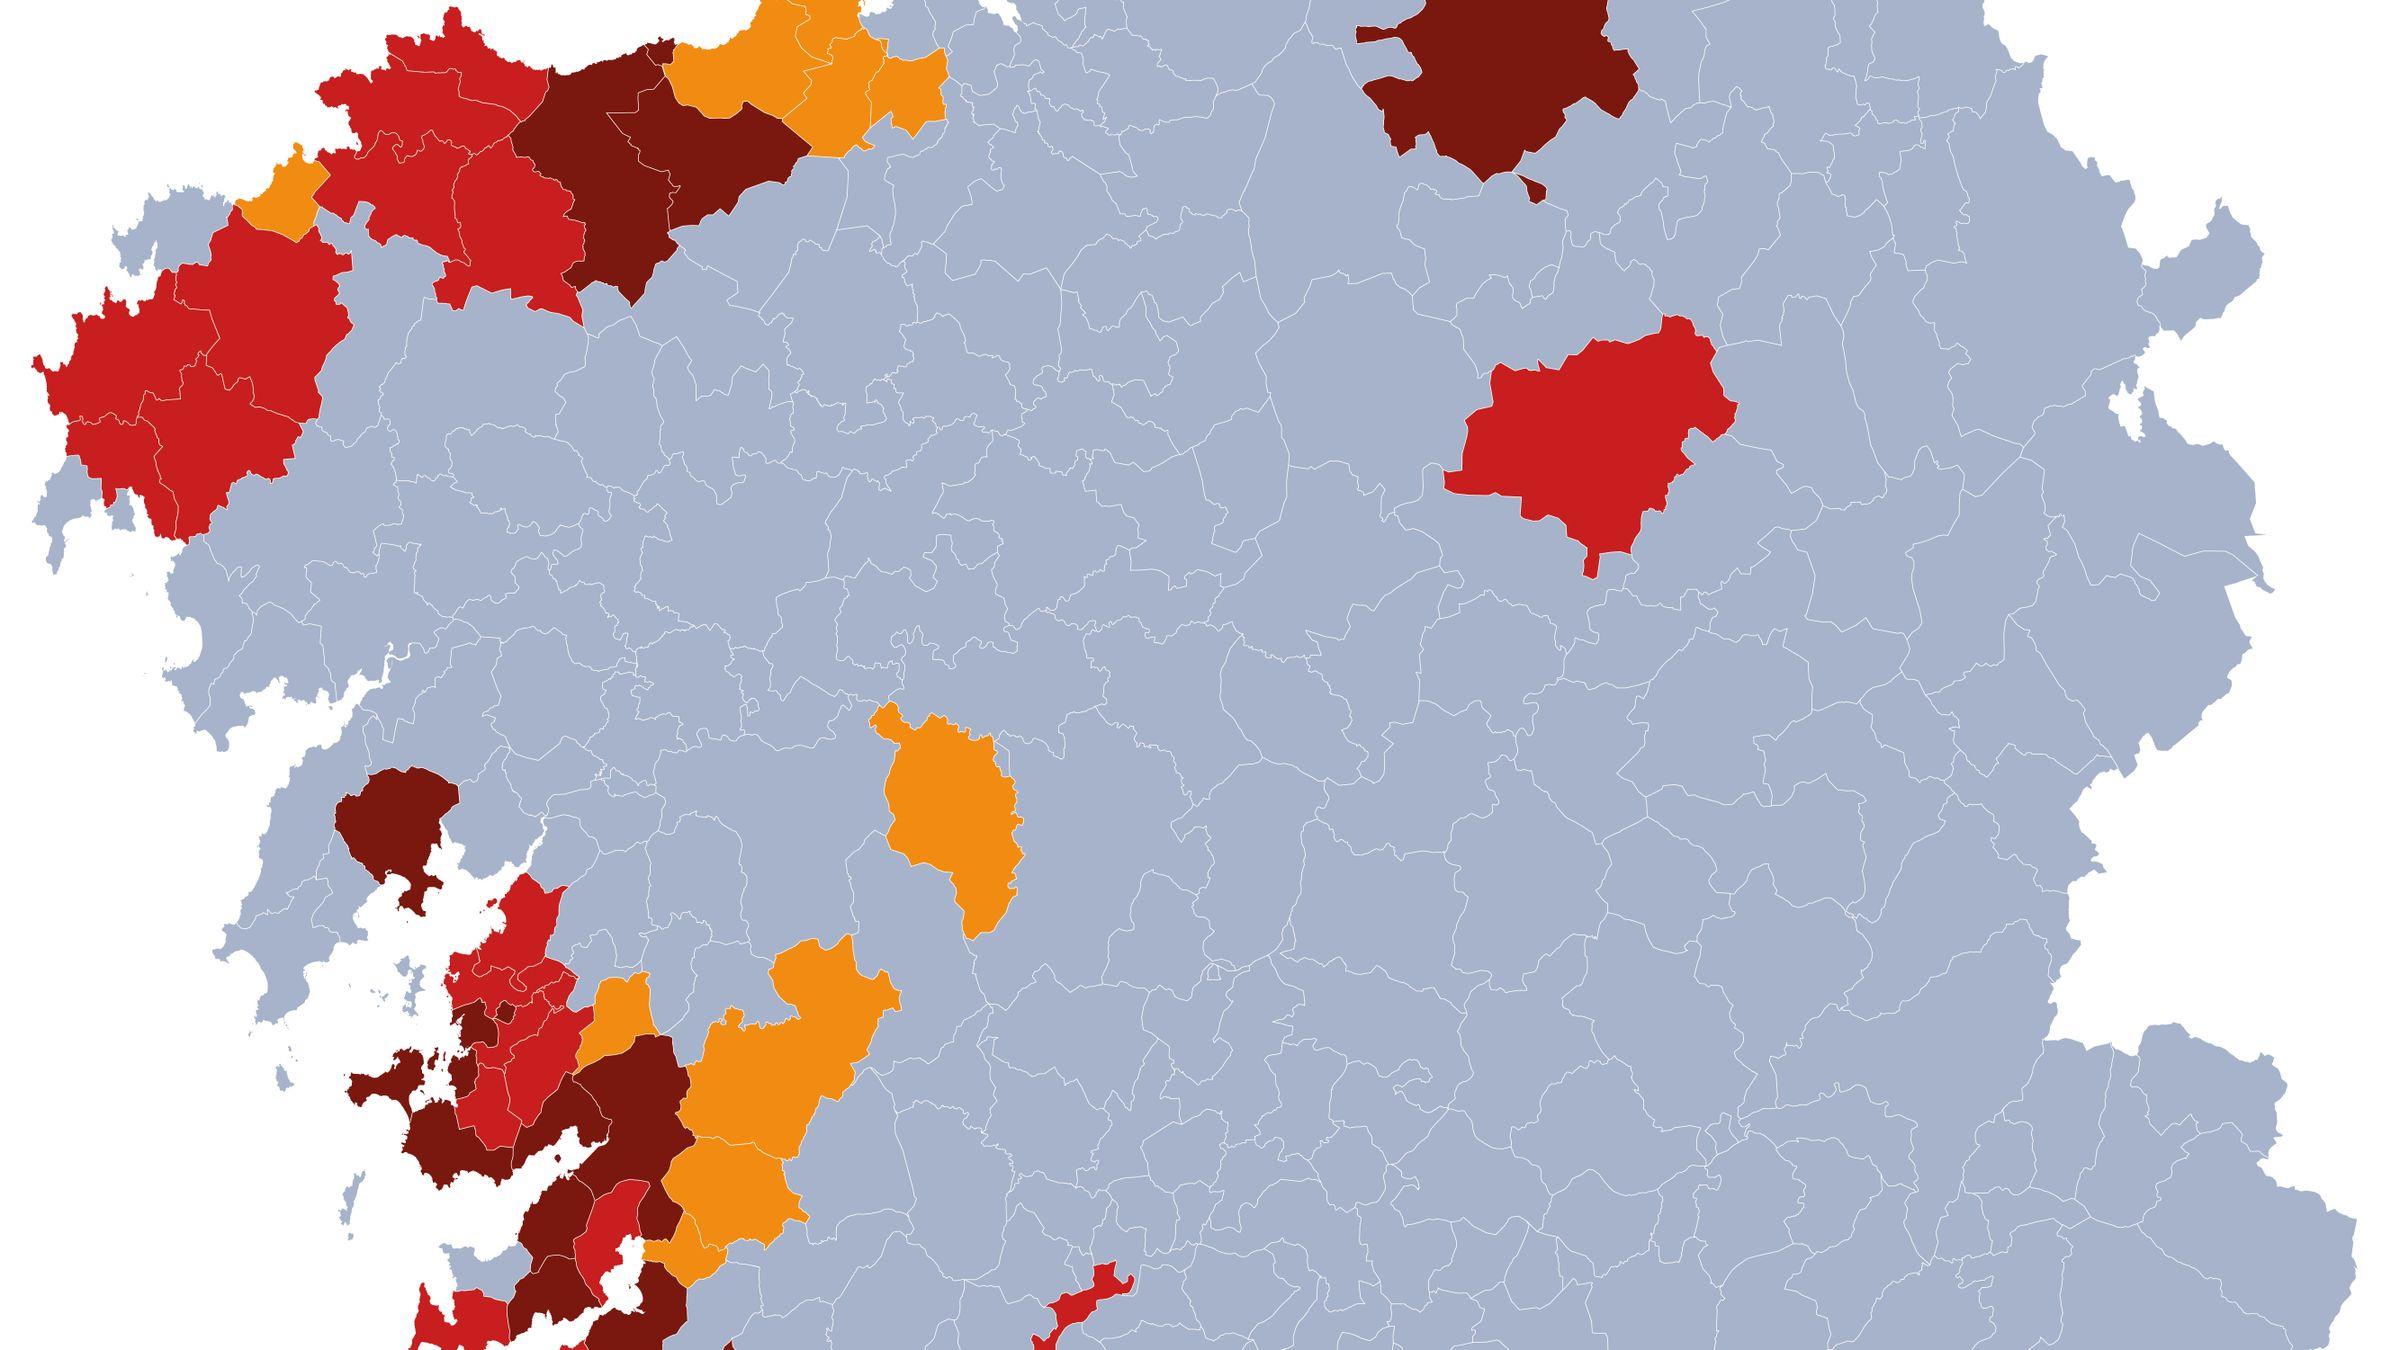 Comienza La Desescalada En Galicia Consulta Aquí Las Nuevas Restricciones